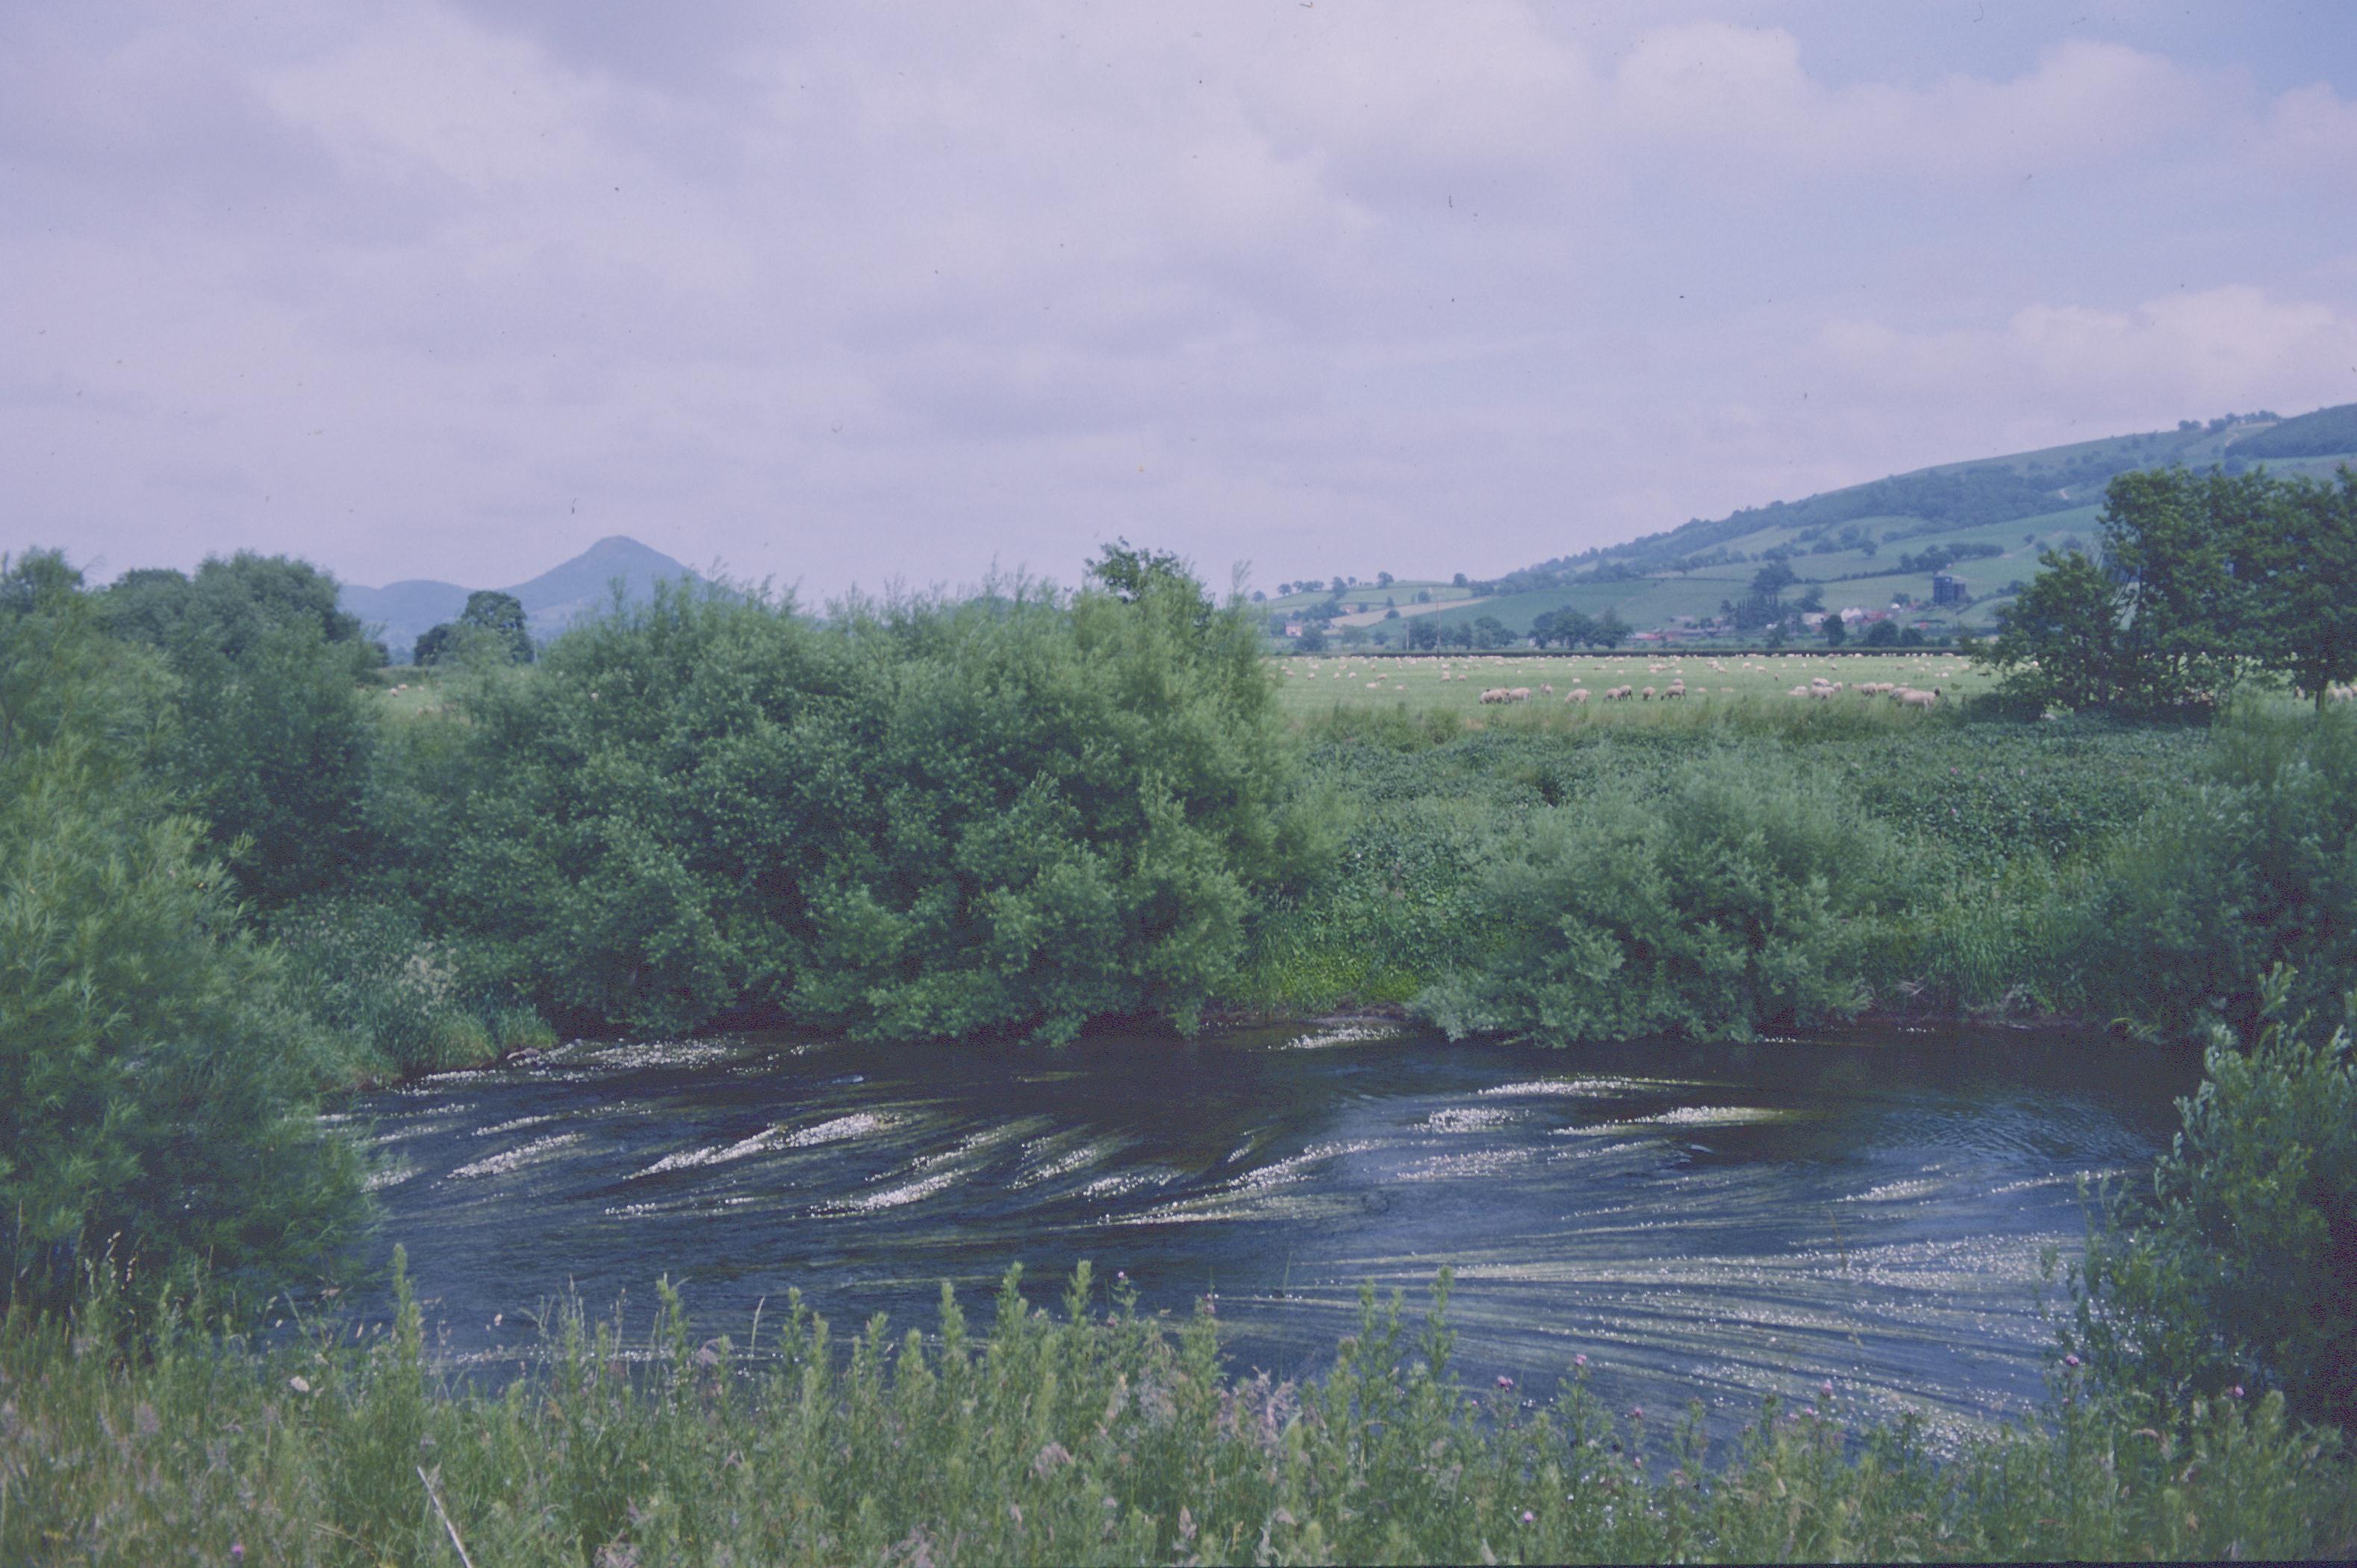 The Severn near Buttington